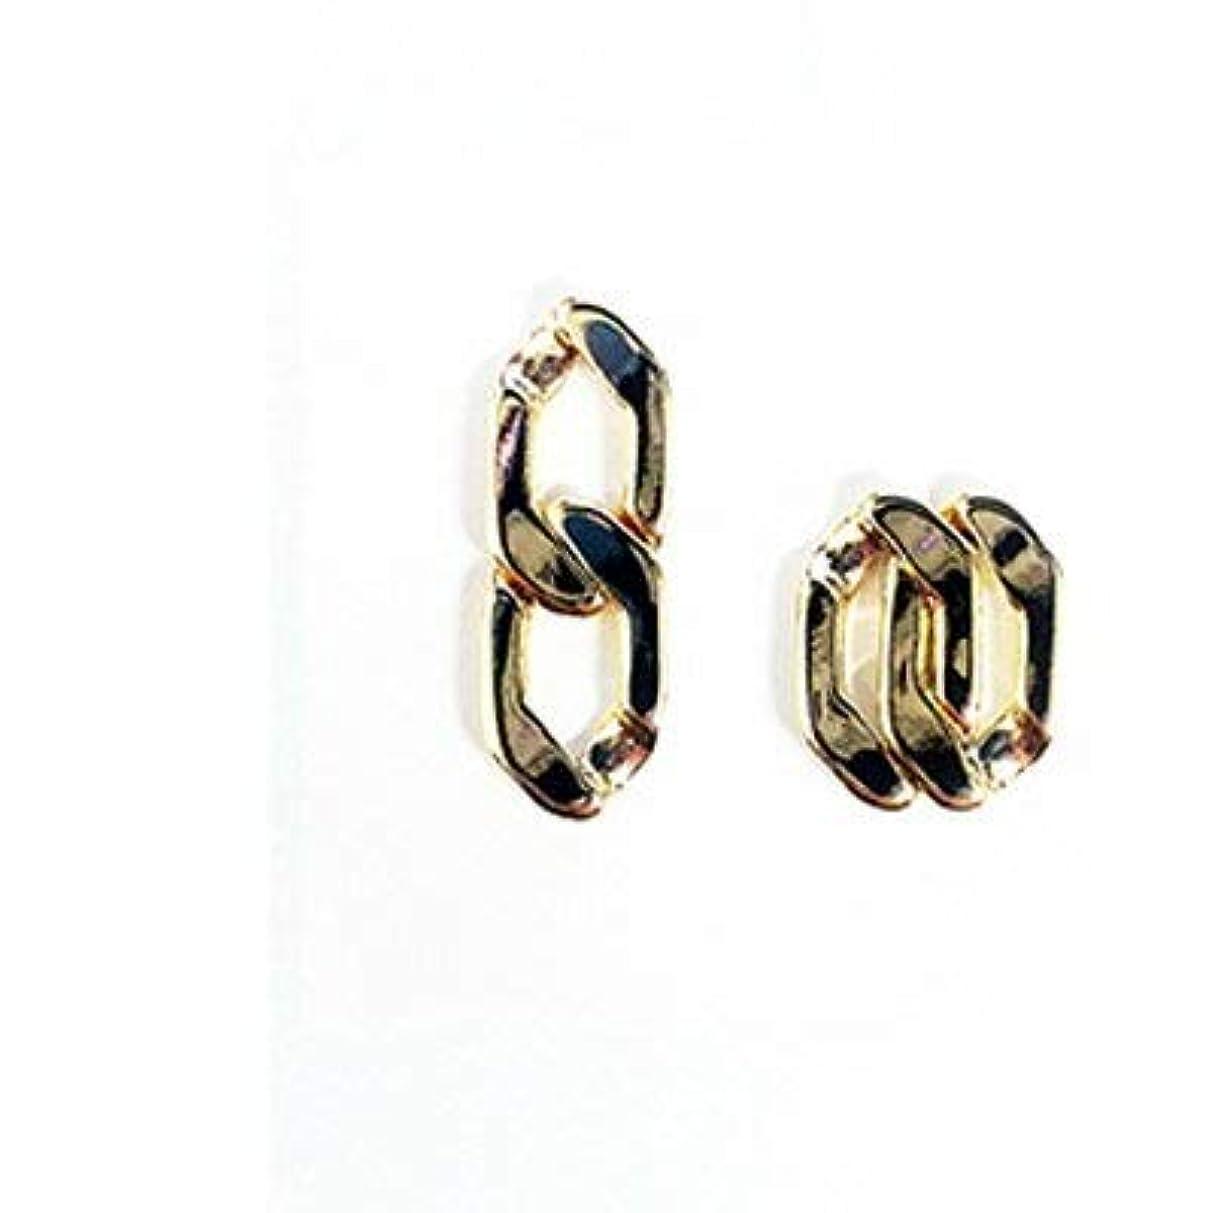 考え煙姉妹アイスジェル ファッションチェーン FCJ-06 ゴールド